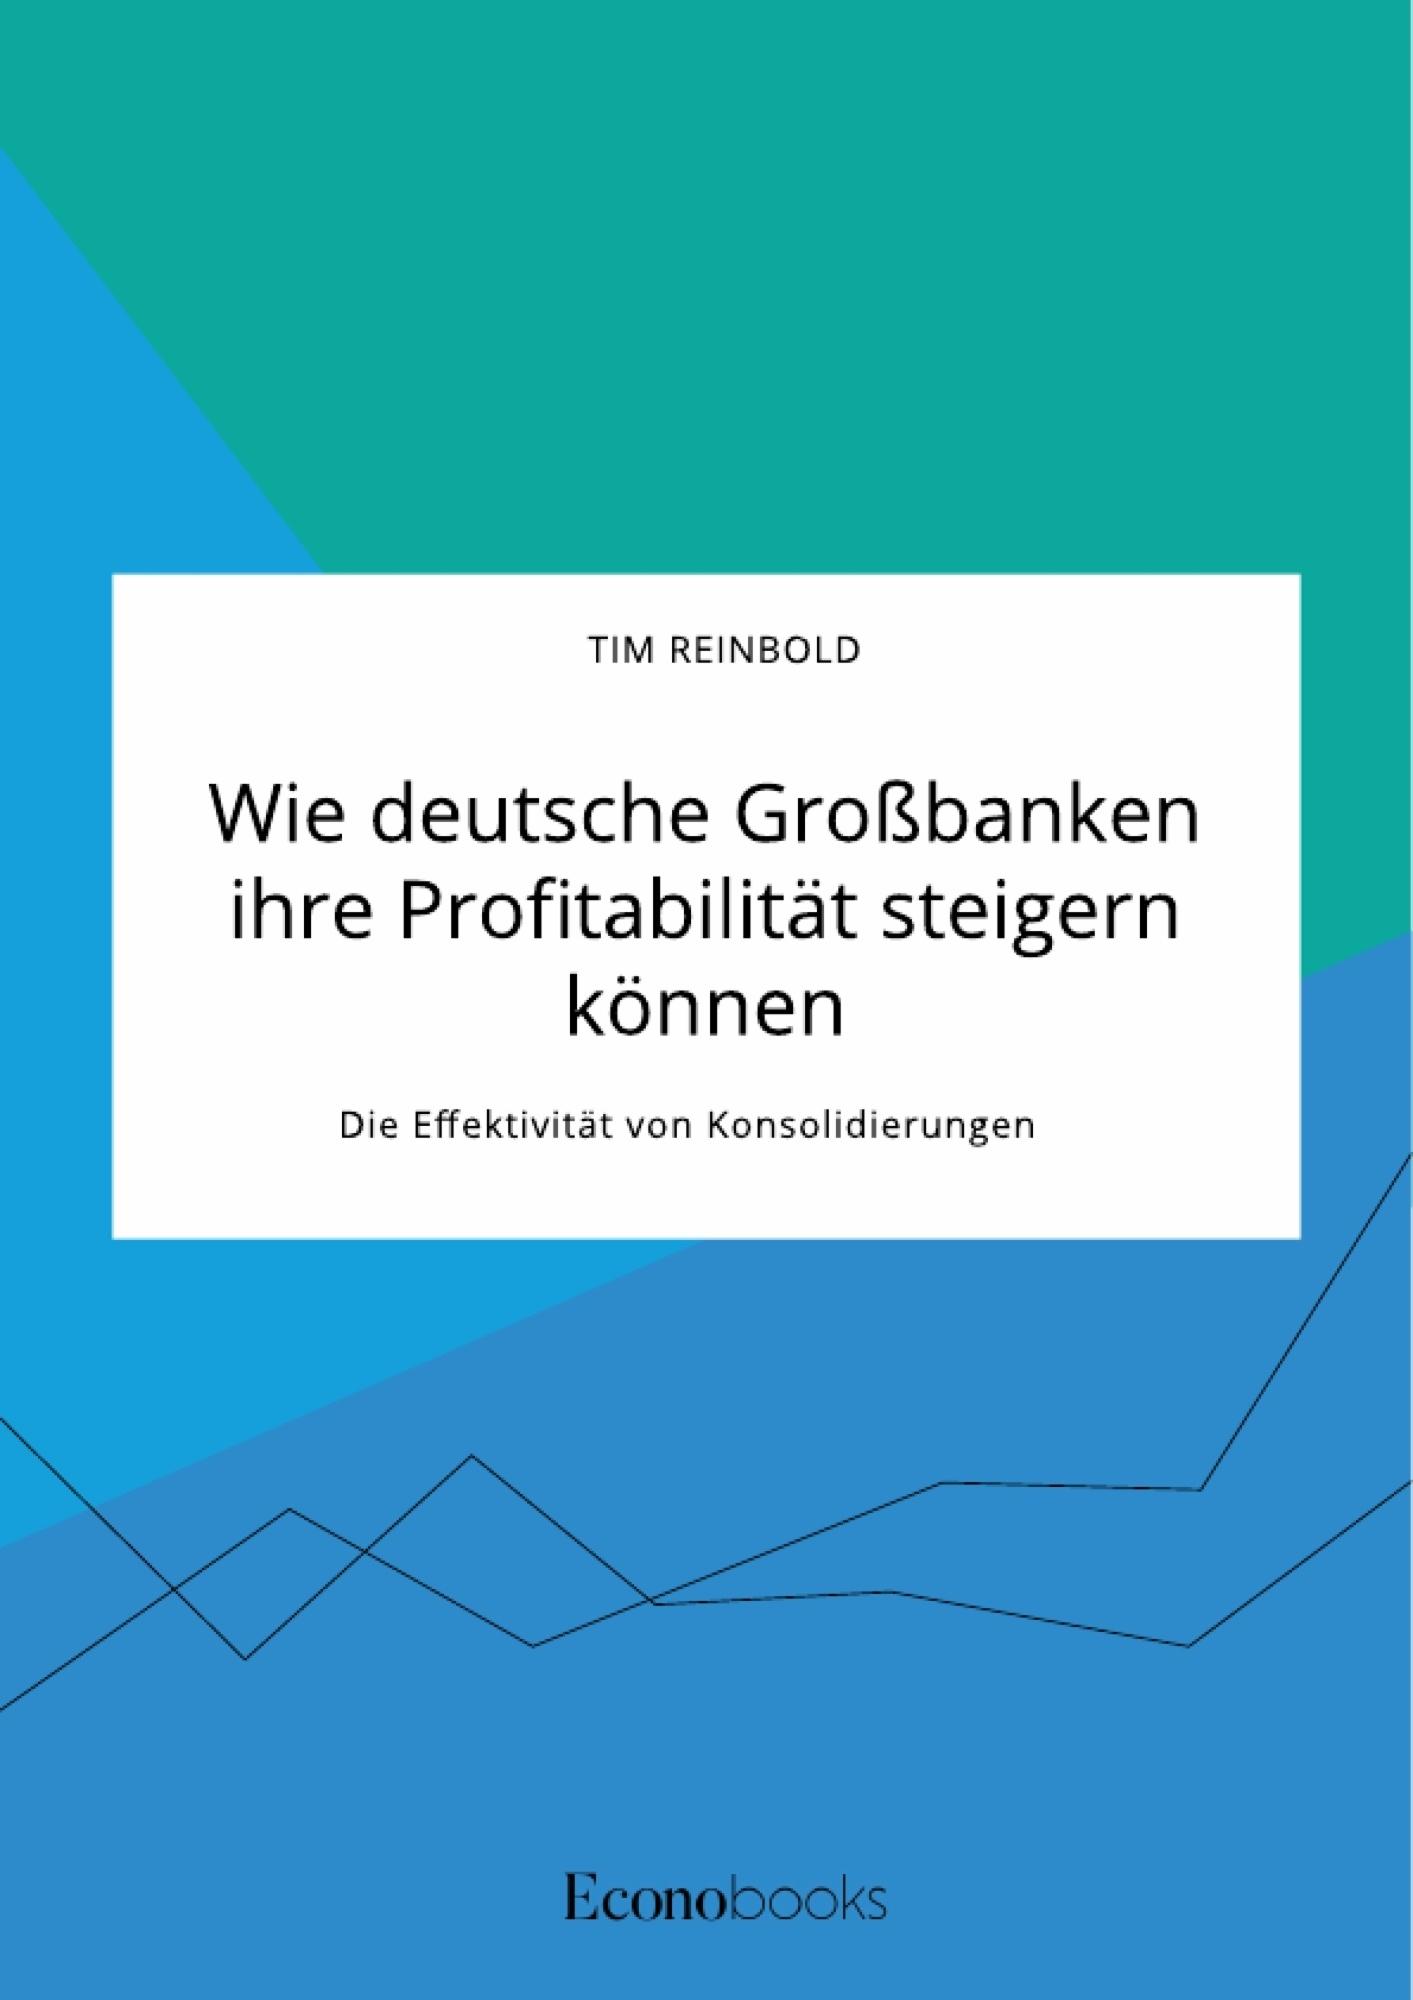 Titel: Wie deutsche Großbanken ihre Profitabilität steigern können. Die Effektivität von Konsolidierungen